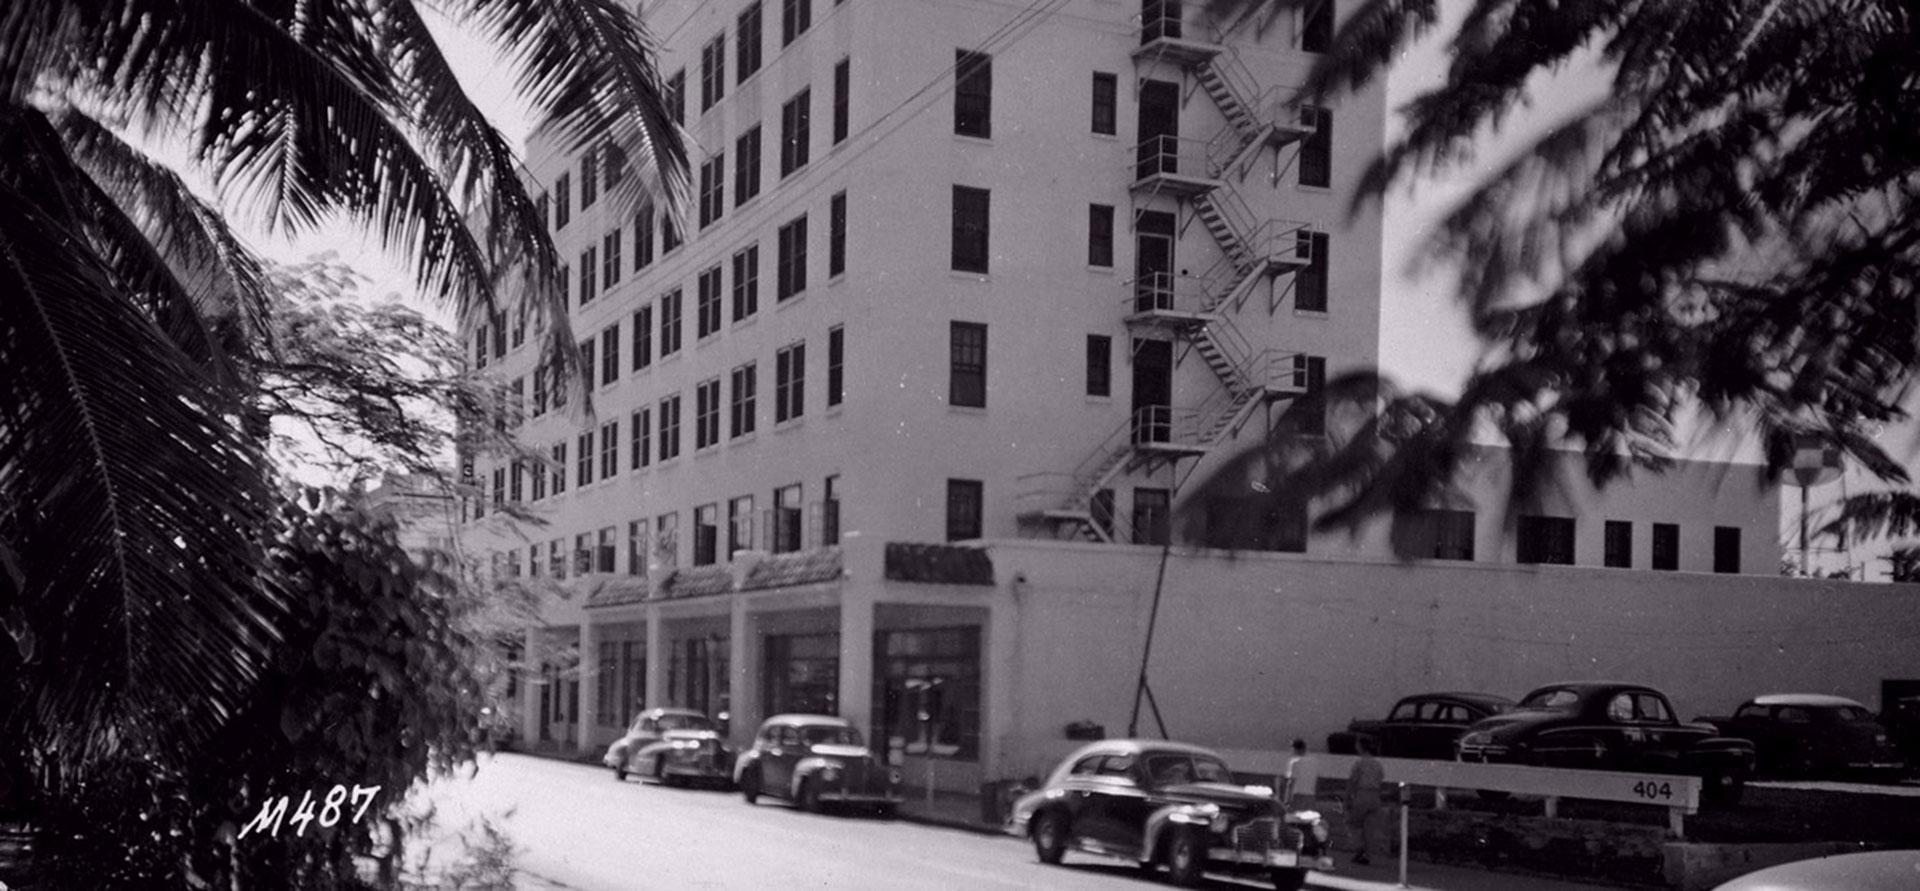 Key West Florida Hotel History